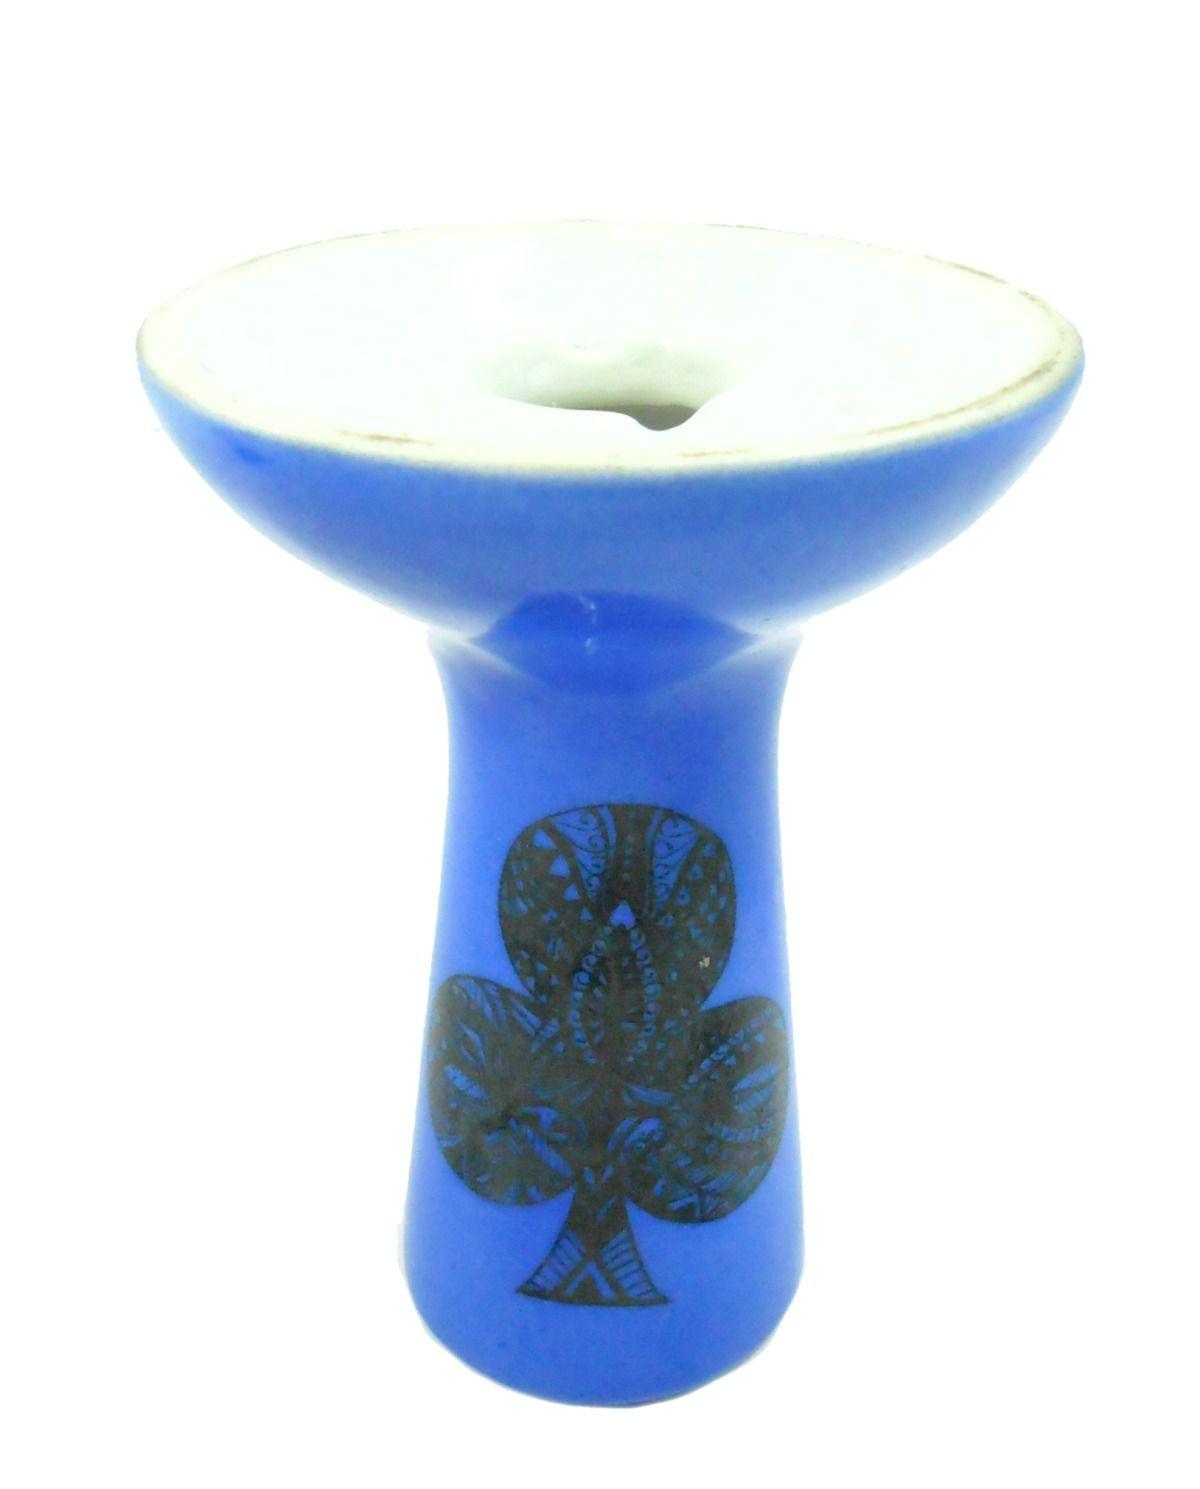 Fornilho/Rosh para narguile BHRAW Hookah/Dr.Ed (funil) encaixe fêmea, pinturas especiais, 10,5cm. Azul